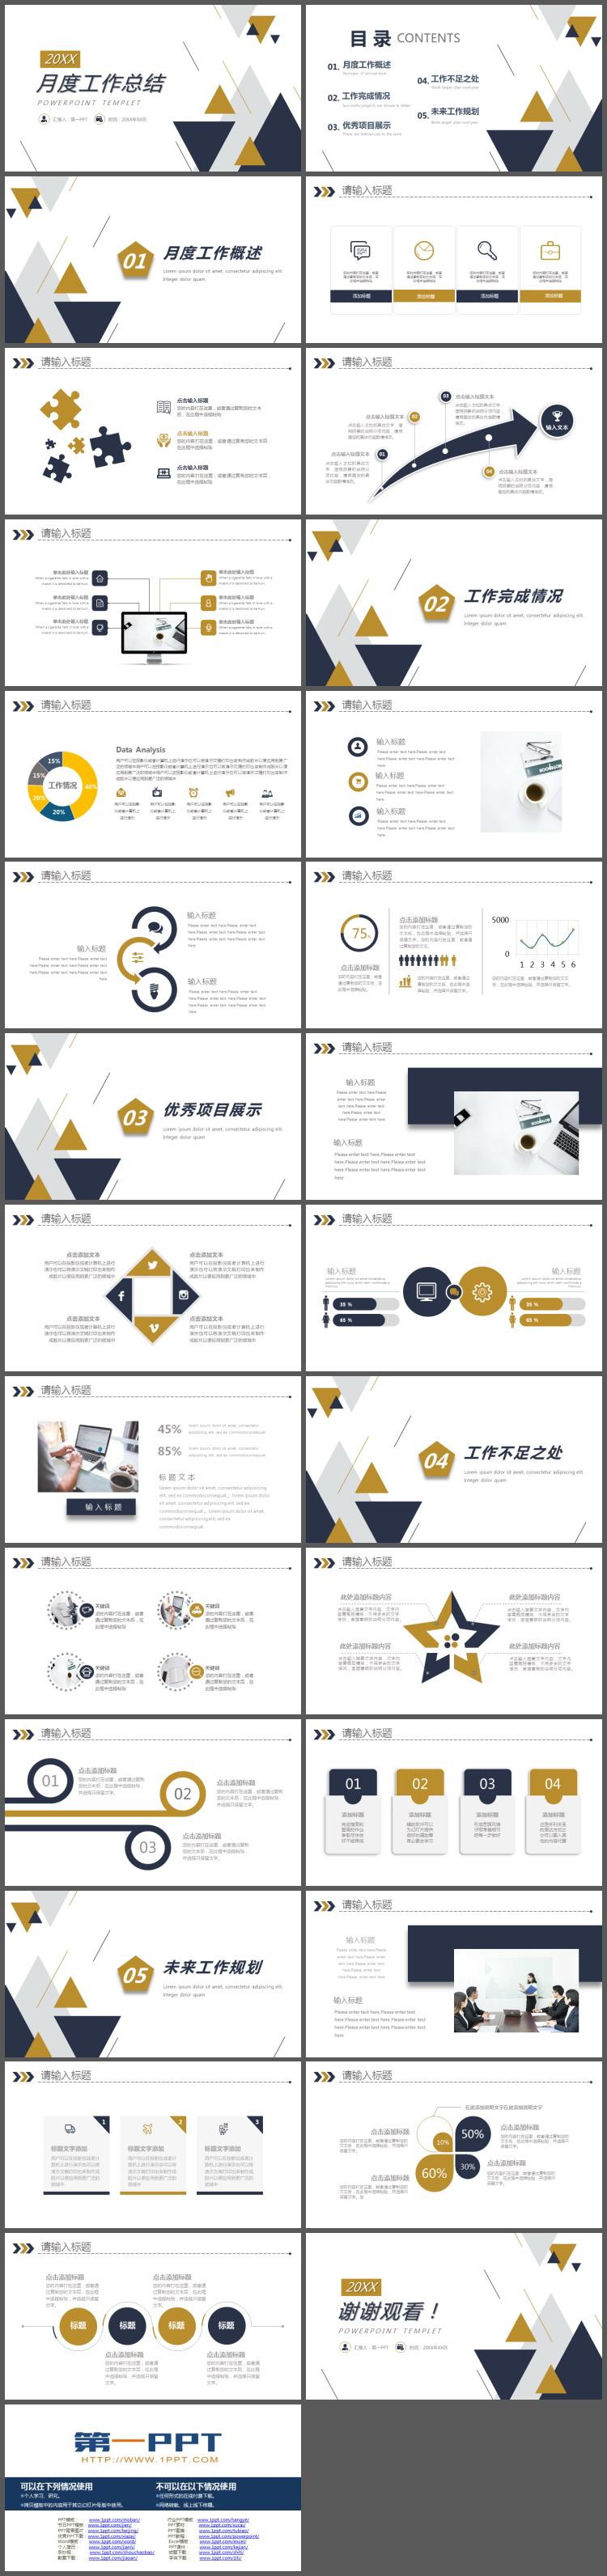 蓝黄三角形背景的月度工作总结PPT模板免费下载